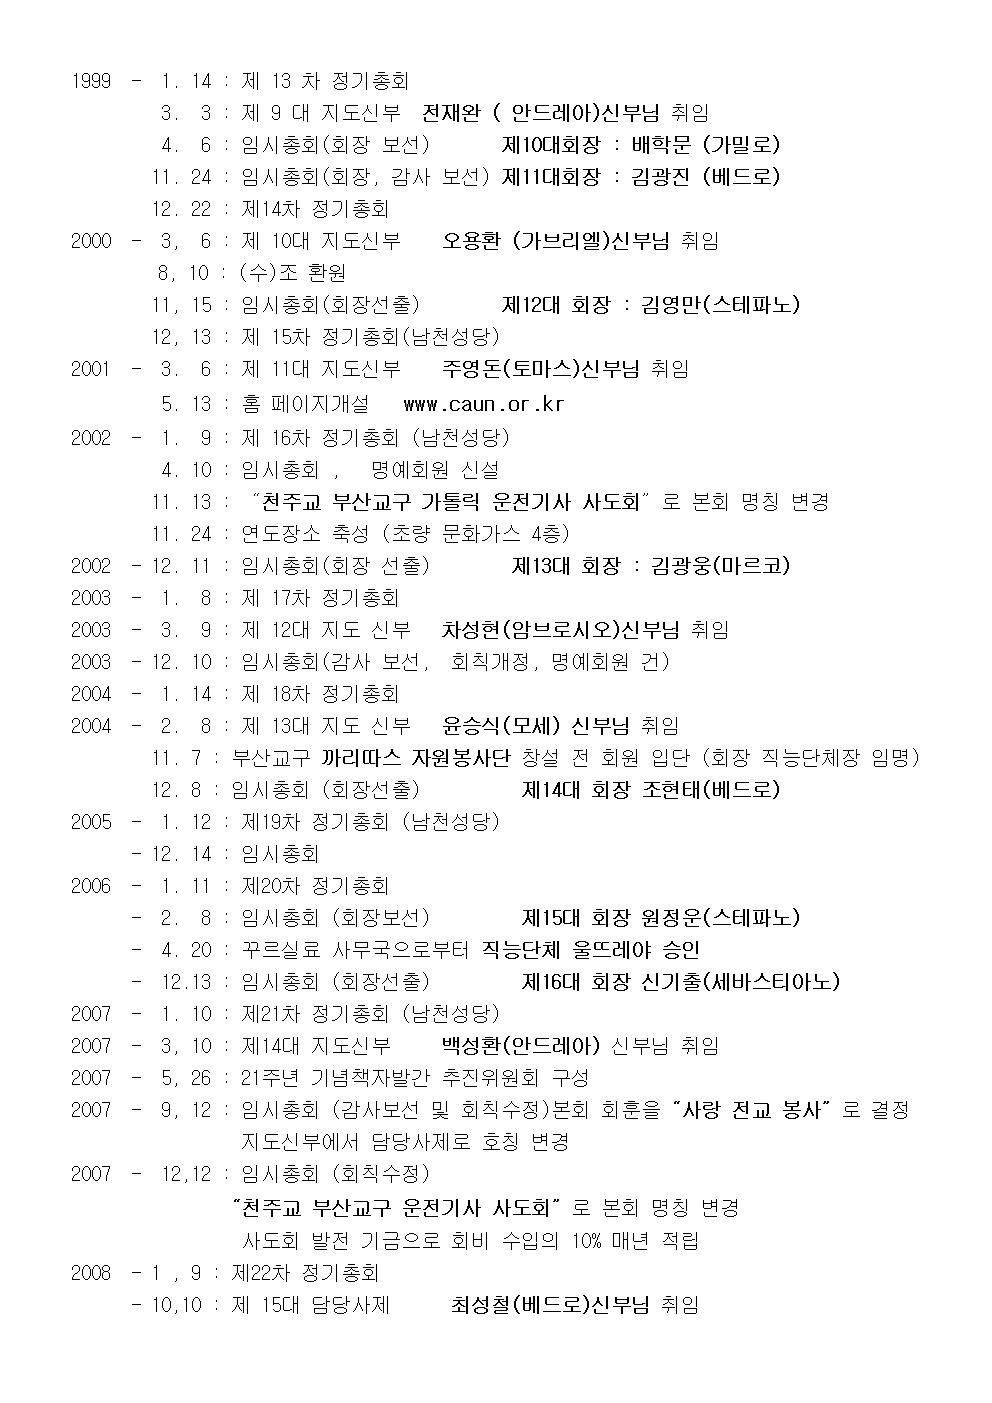 사도회 연혁002.png